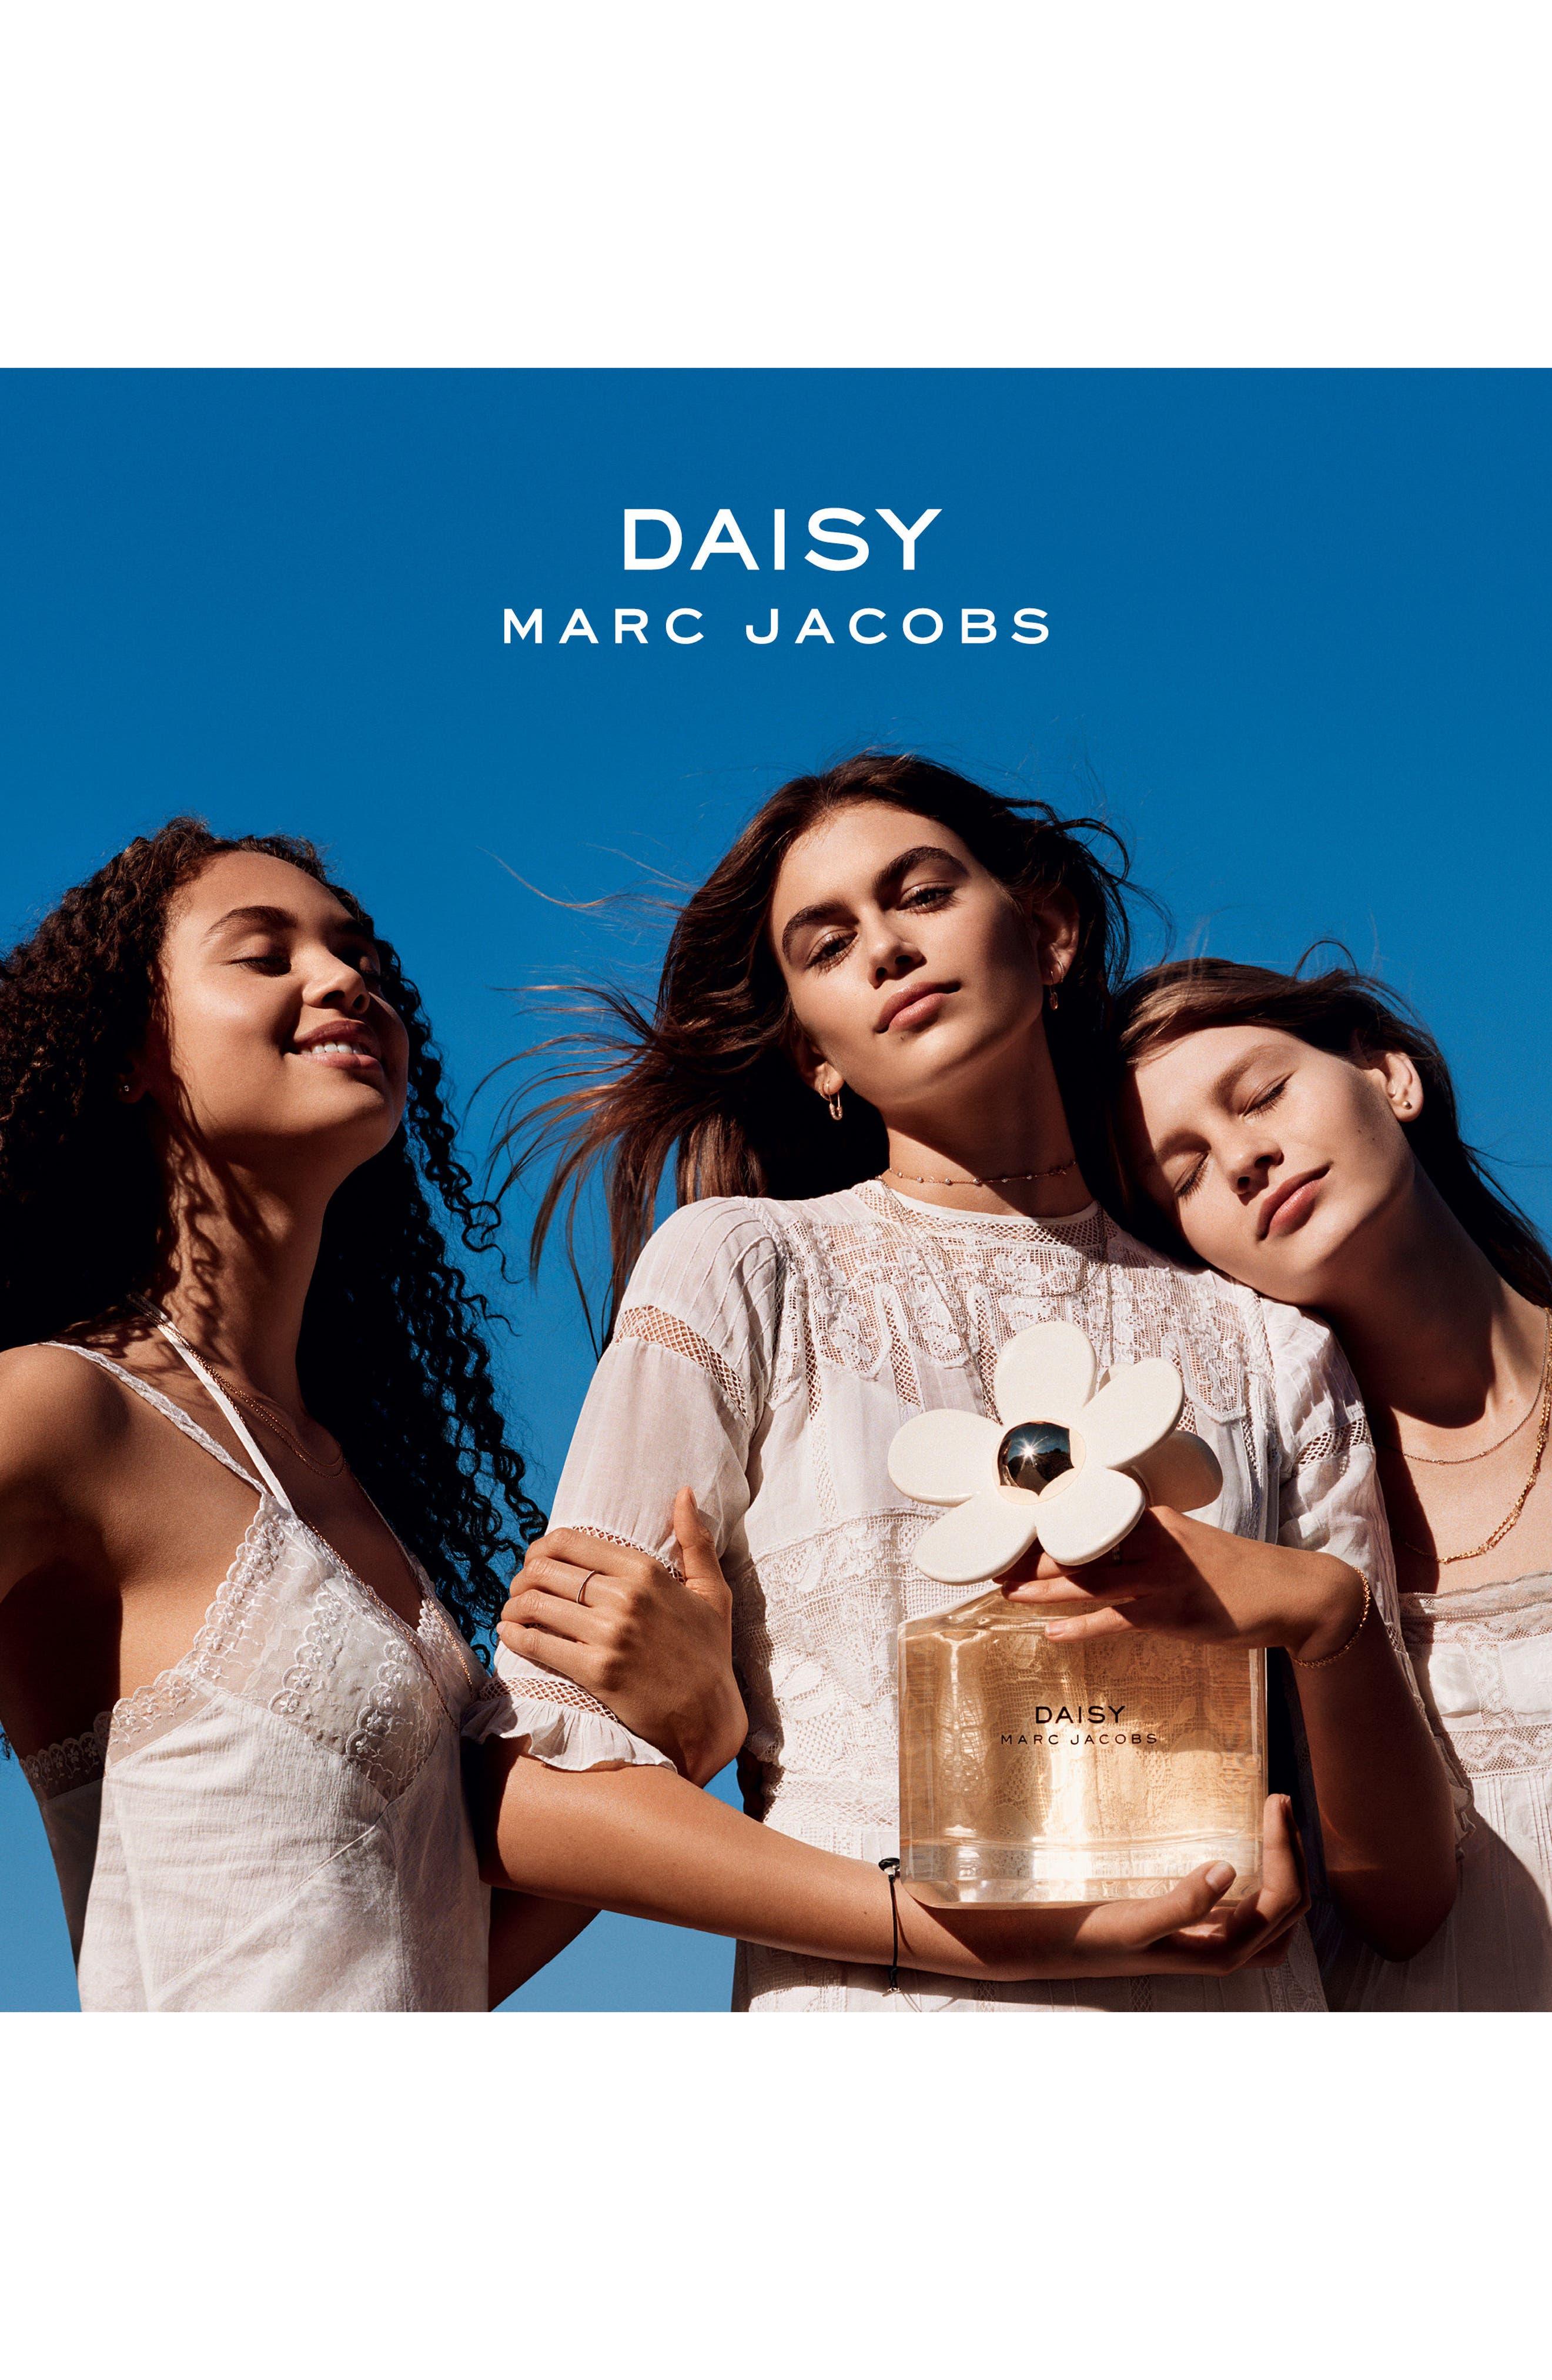 Alternate Image 2  - MARC JACOBS Daisy Eau So Fresh Kiss Eau de Toilette (Limited Edition)